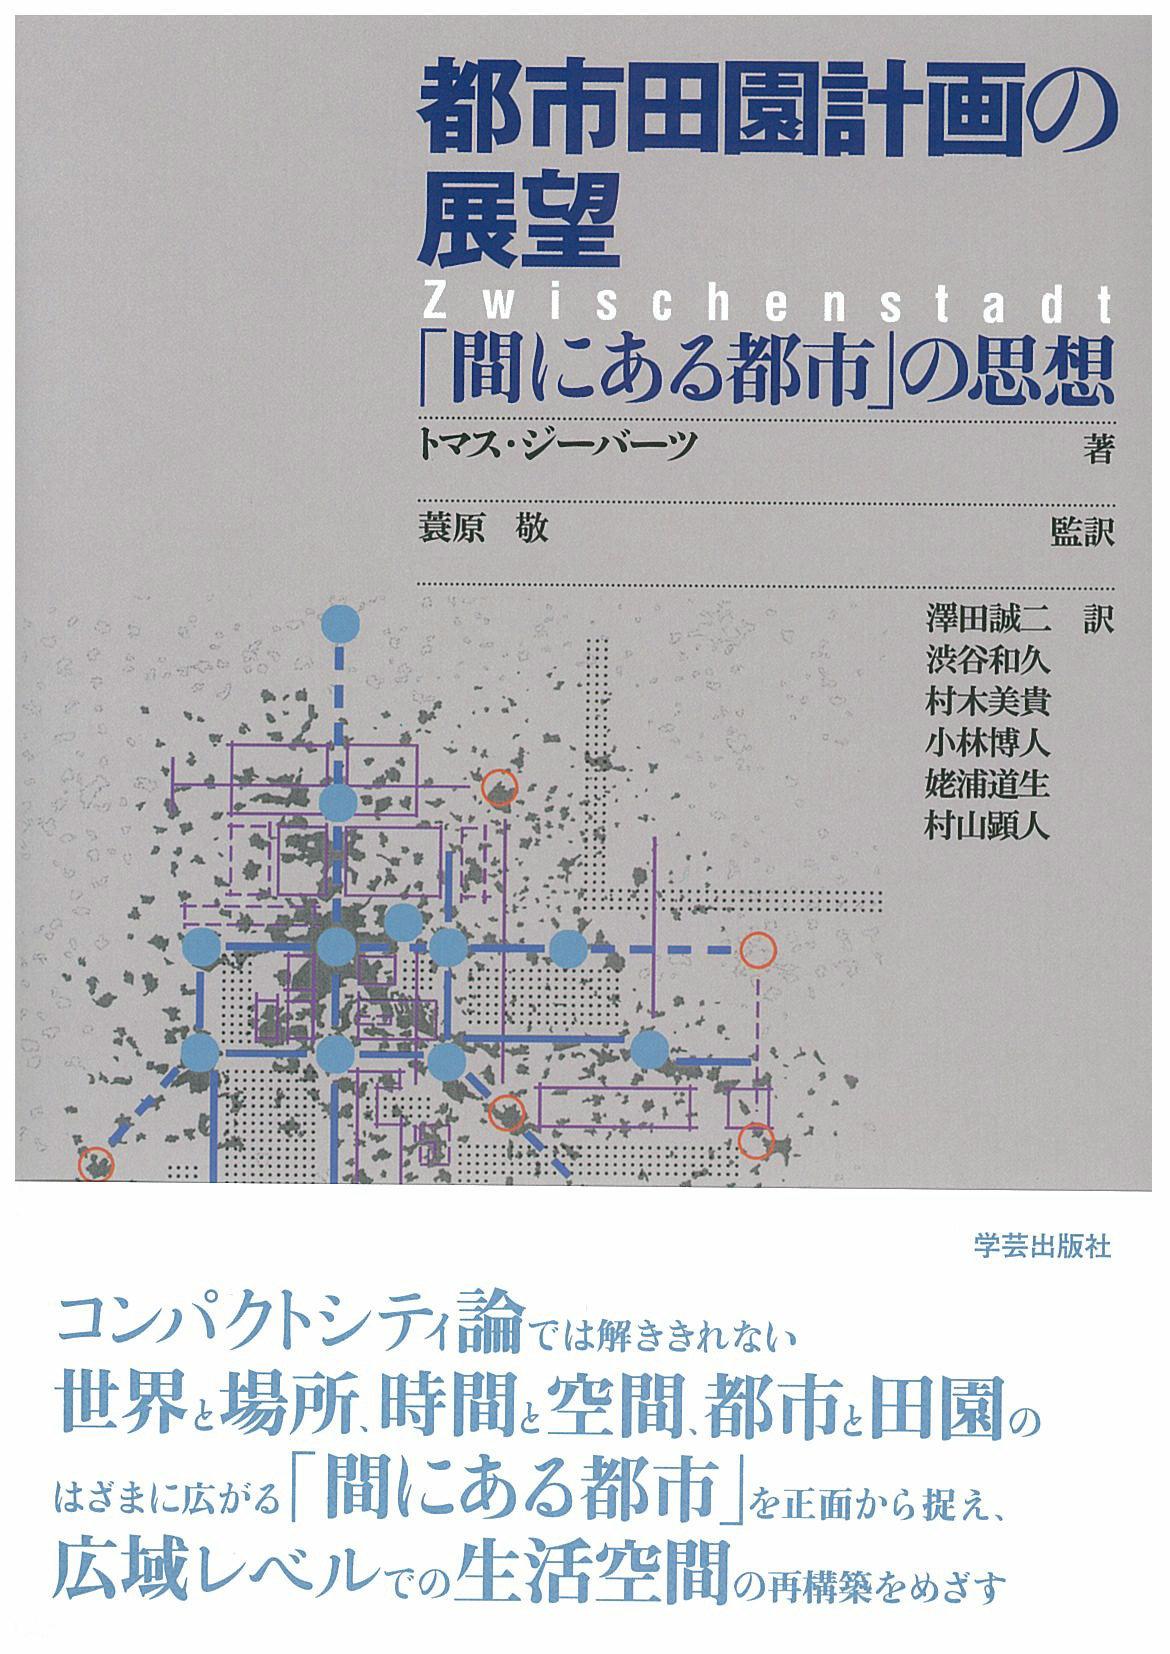 都市田園計画の展望「間にある都市」の思想